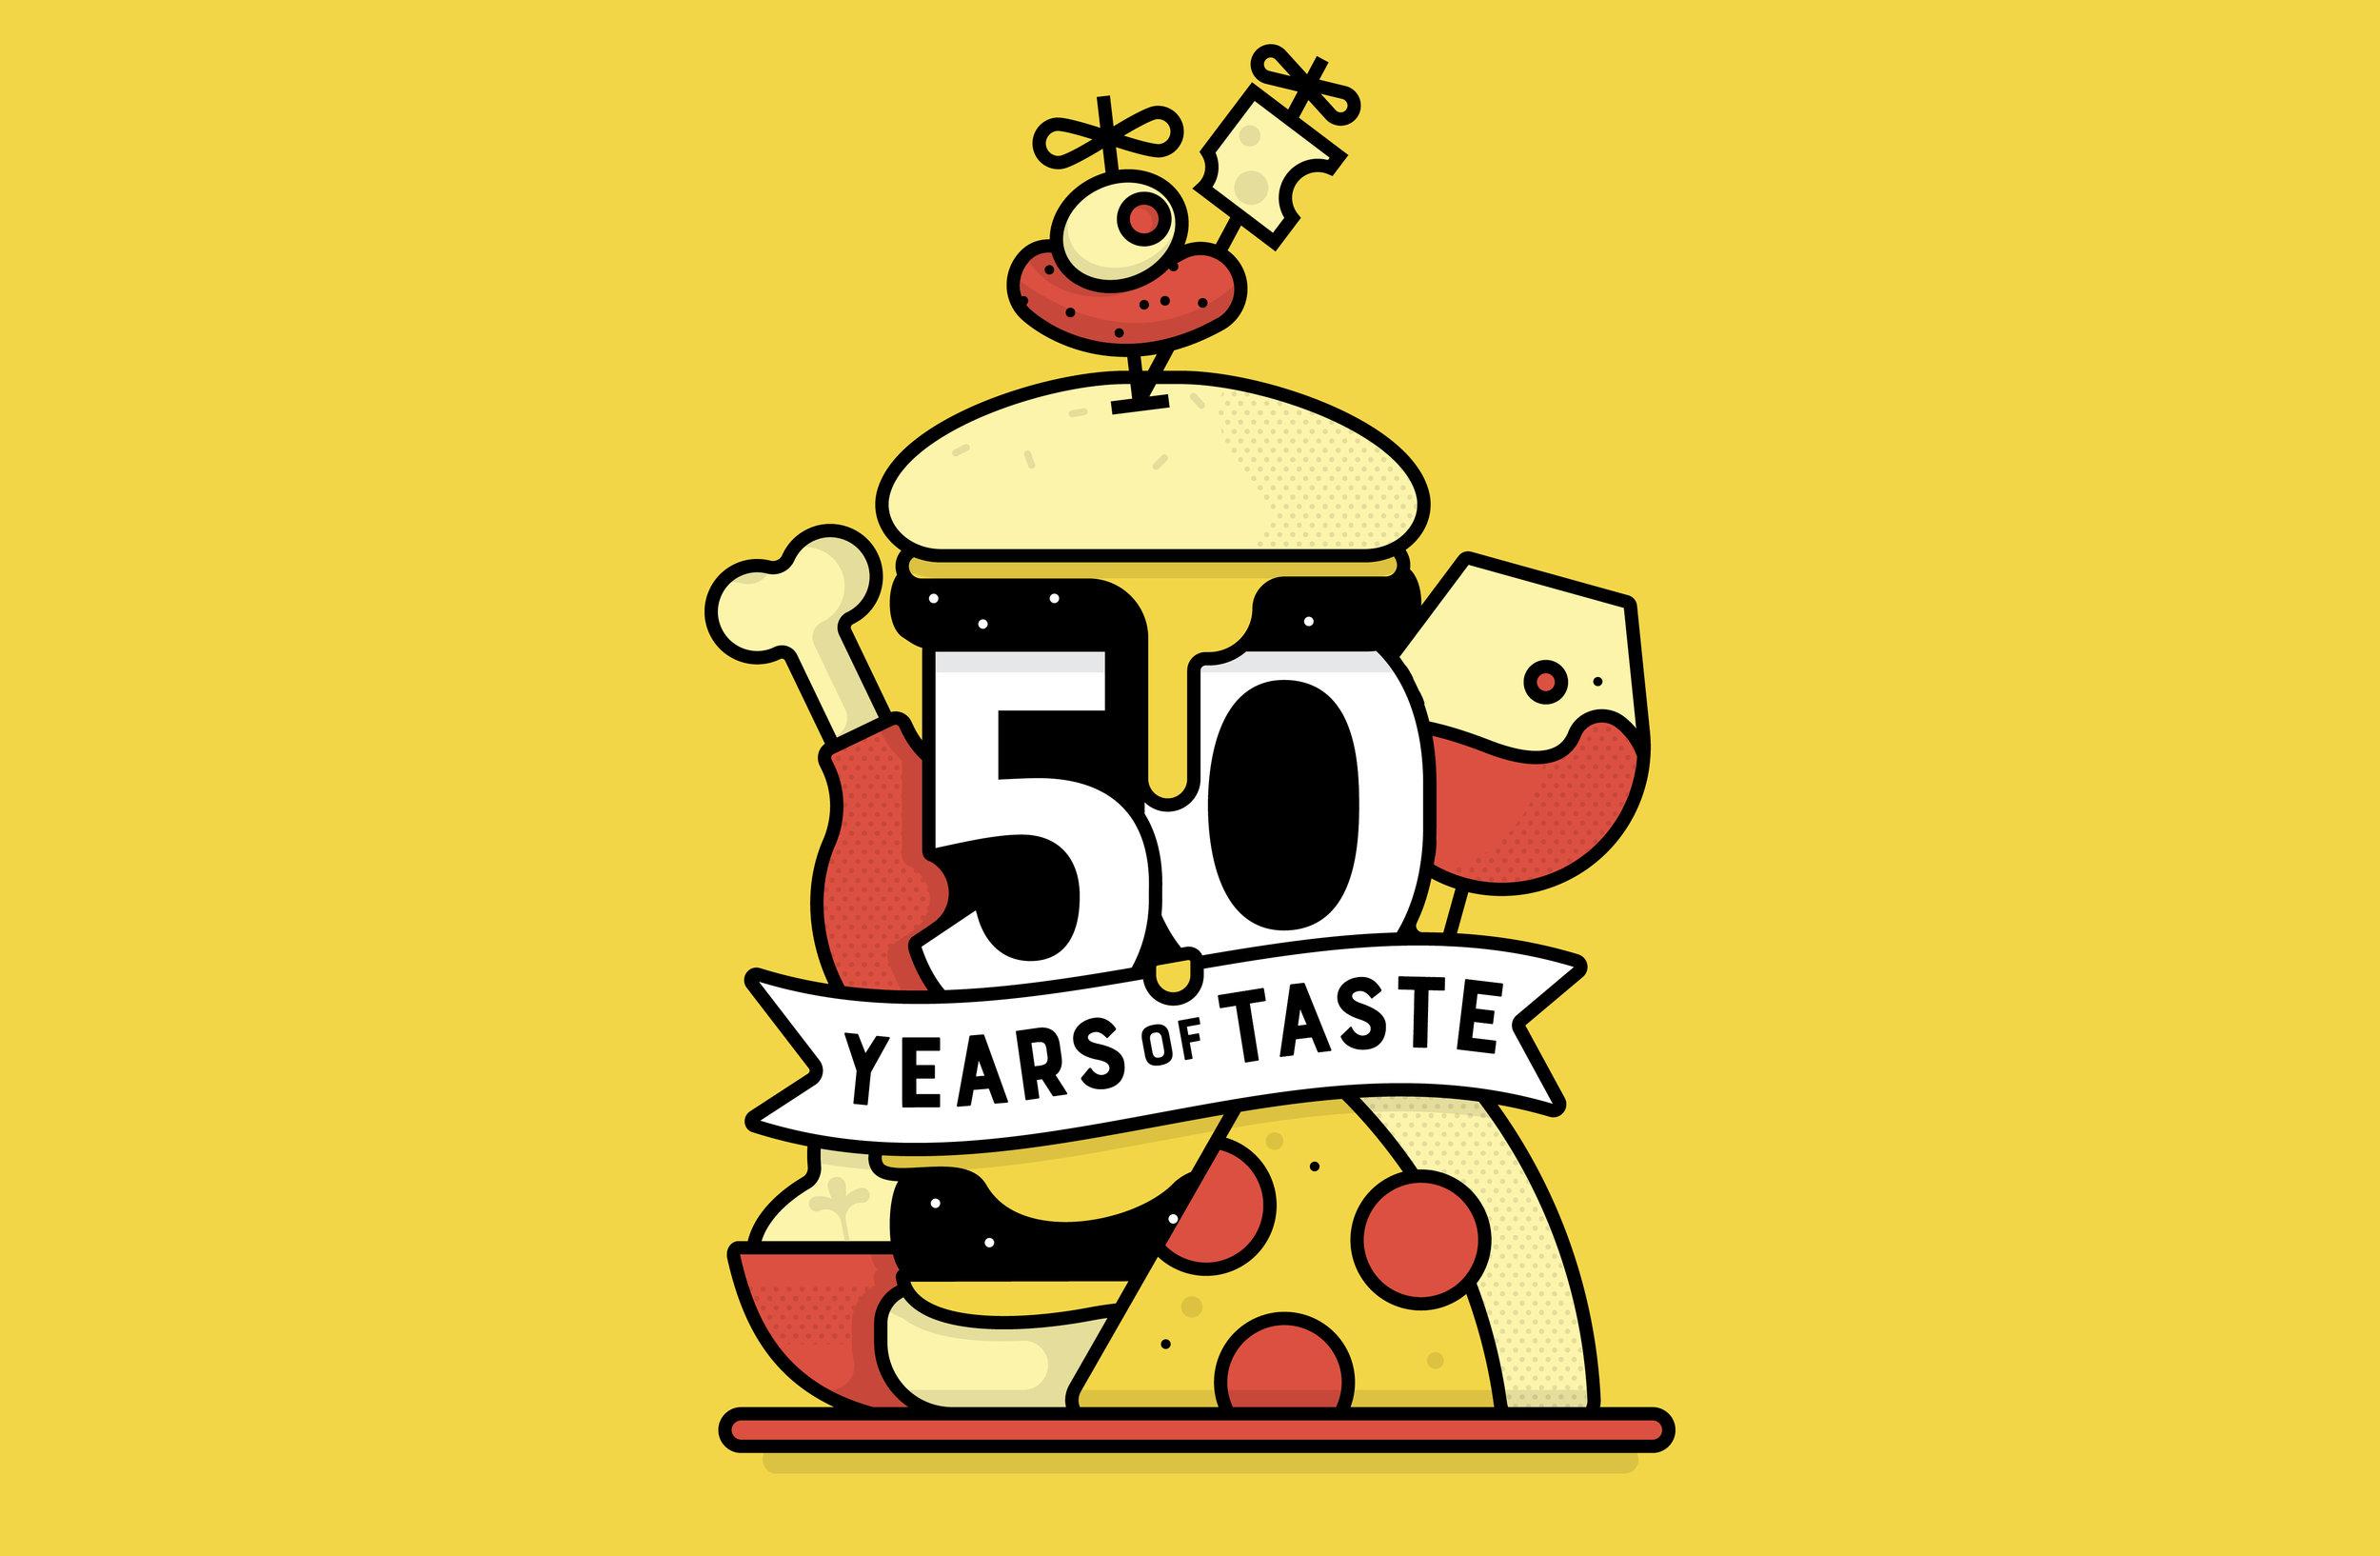 50 years of taste